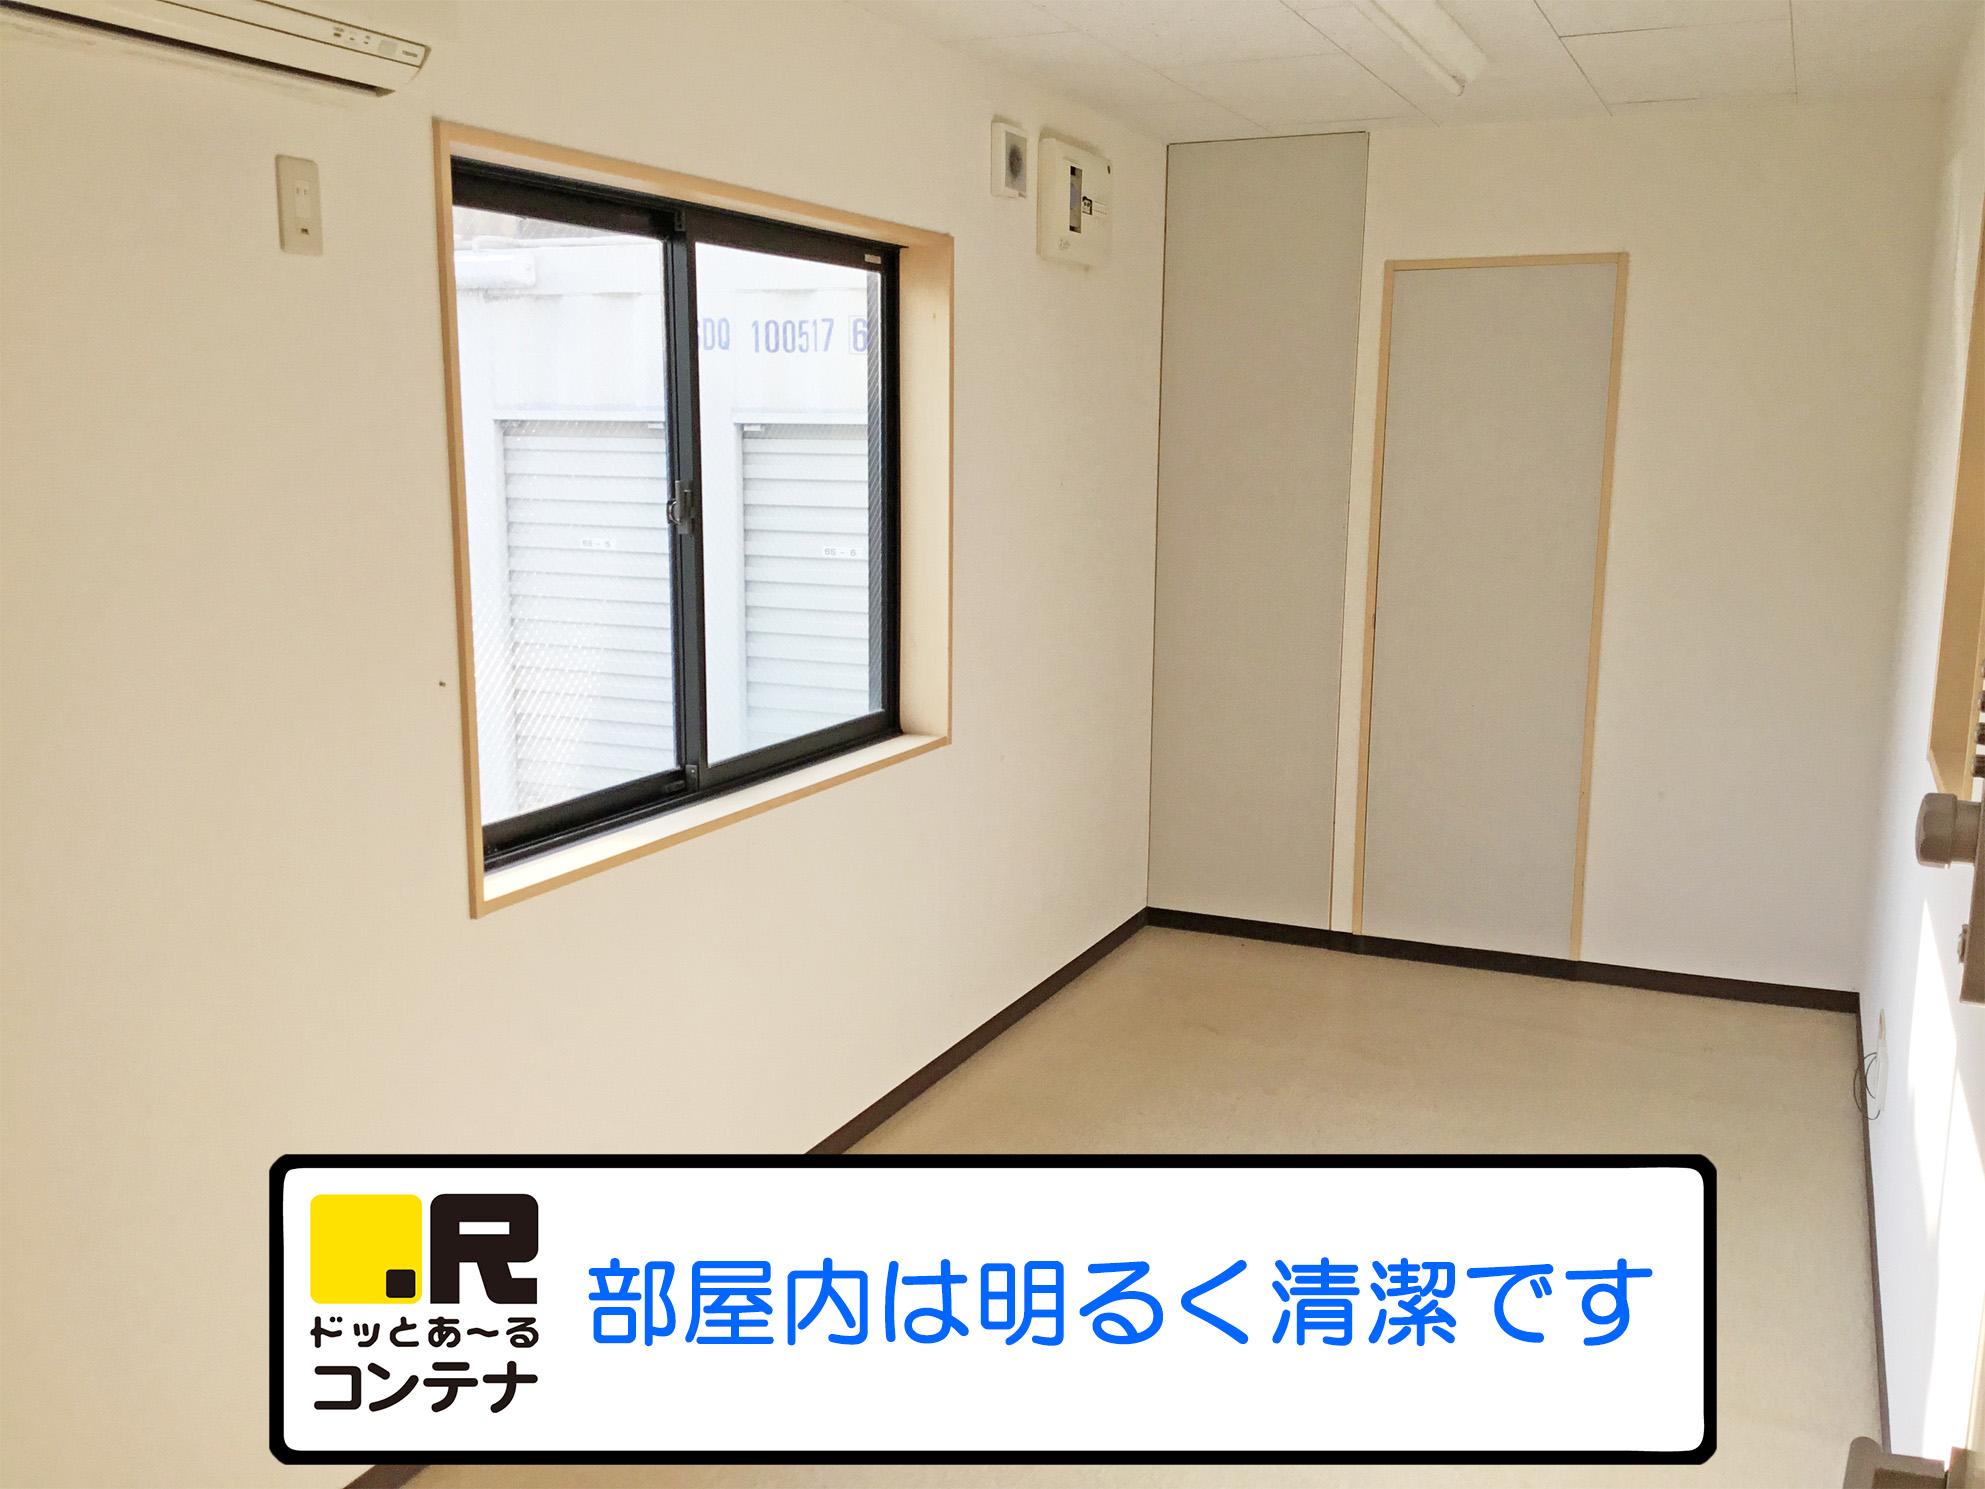 ドッとあ~るコンテナ UTレジデンス港北店外観3